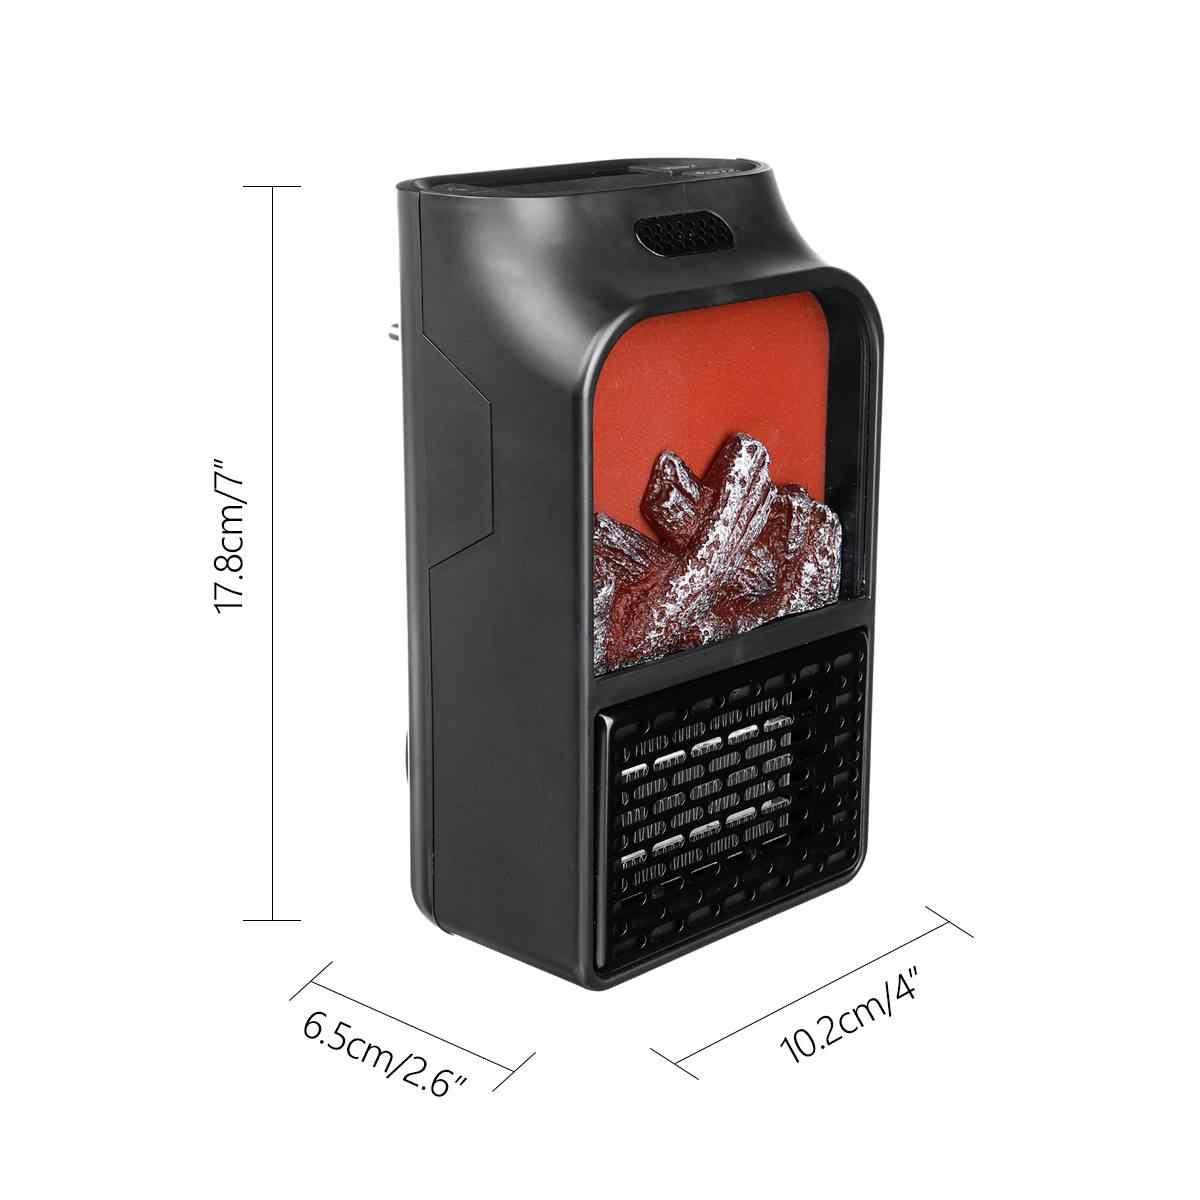 الاتحاد الأوروبي التوصيل 900w الكهربائية سخان البسيطة المحمولة الشخصية الفضاء دفئا مع RC للداخلية التدفئة التخييم قابل للتعديل ترموستات